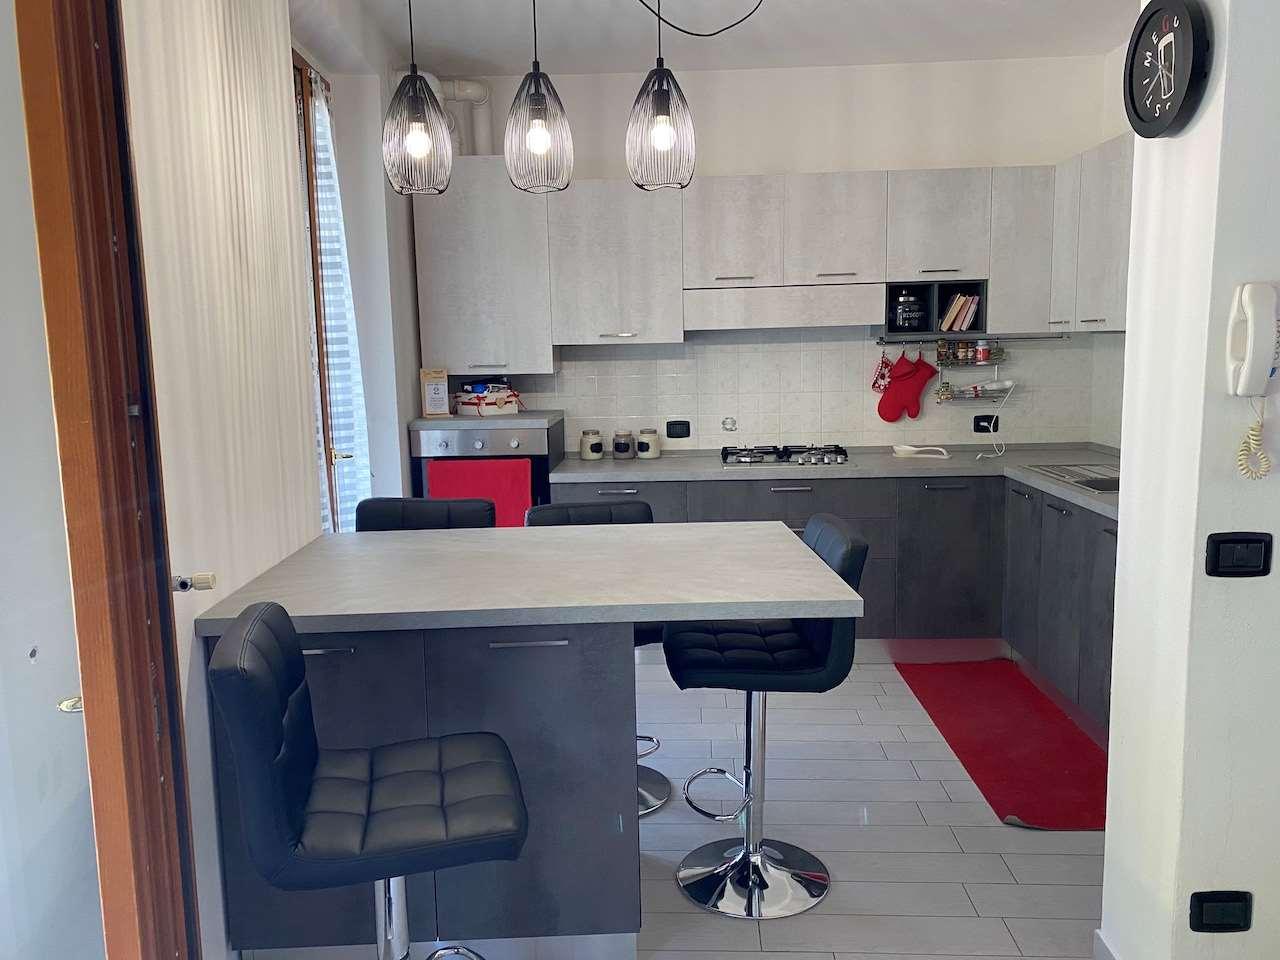 Appartamento in vendita a Cassina Rizzardi, 3 locali, prezzo € 155.000 | CambioCasa.it